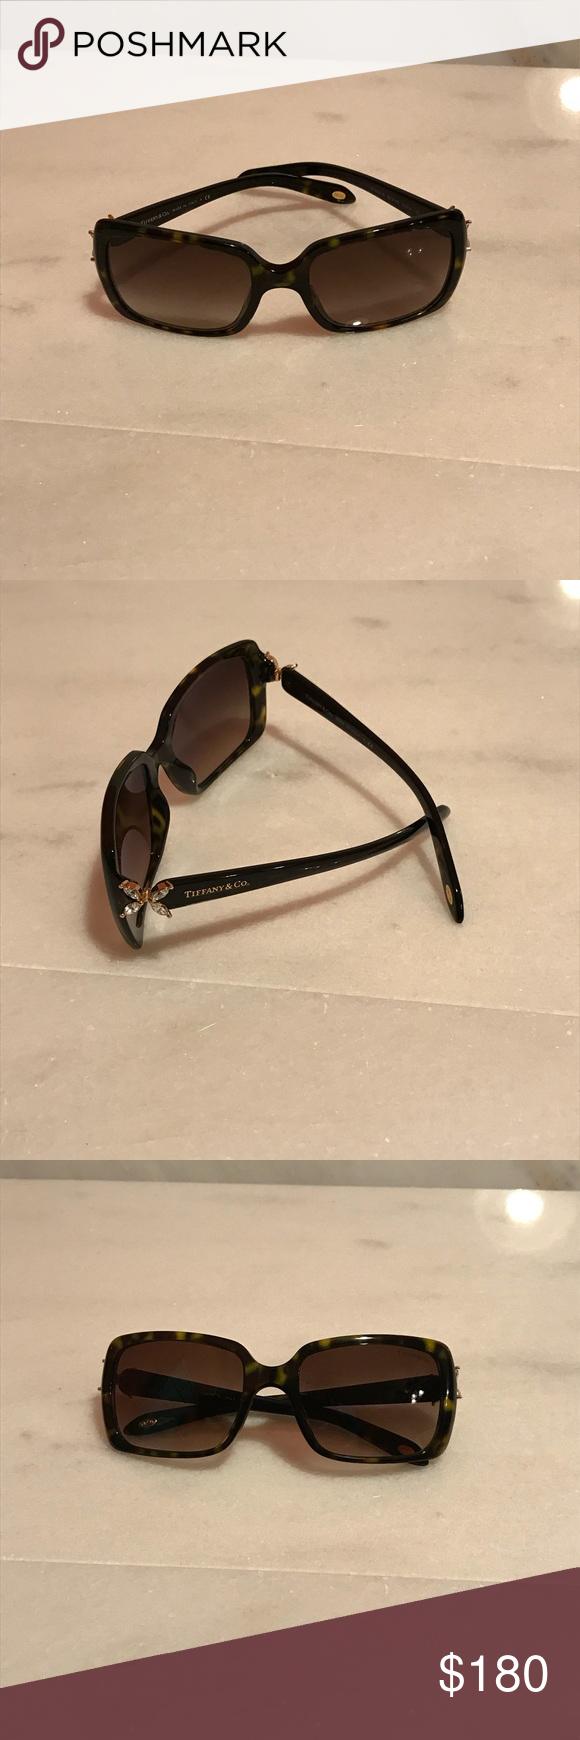 5c88fc1cae76 New Authentic Tiffany   Co. sunglasses New Authentic Tiffany  Co. sunglasses  4047-B 8015 3B NO CASE INCLUDED Tiffany   Co. Accessories Glasses